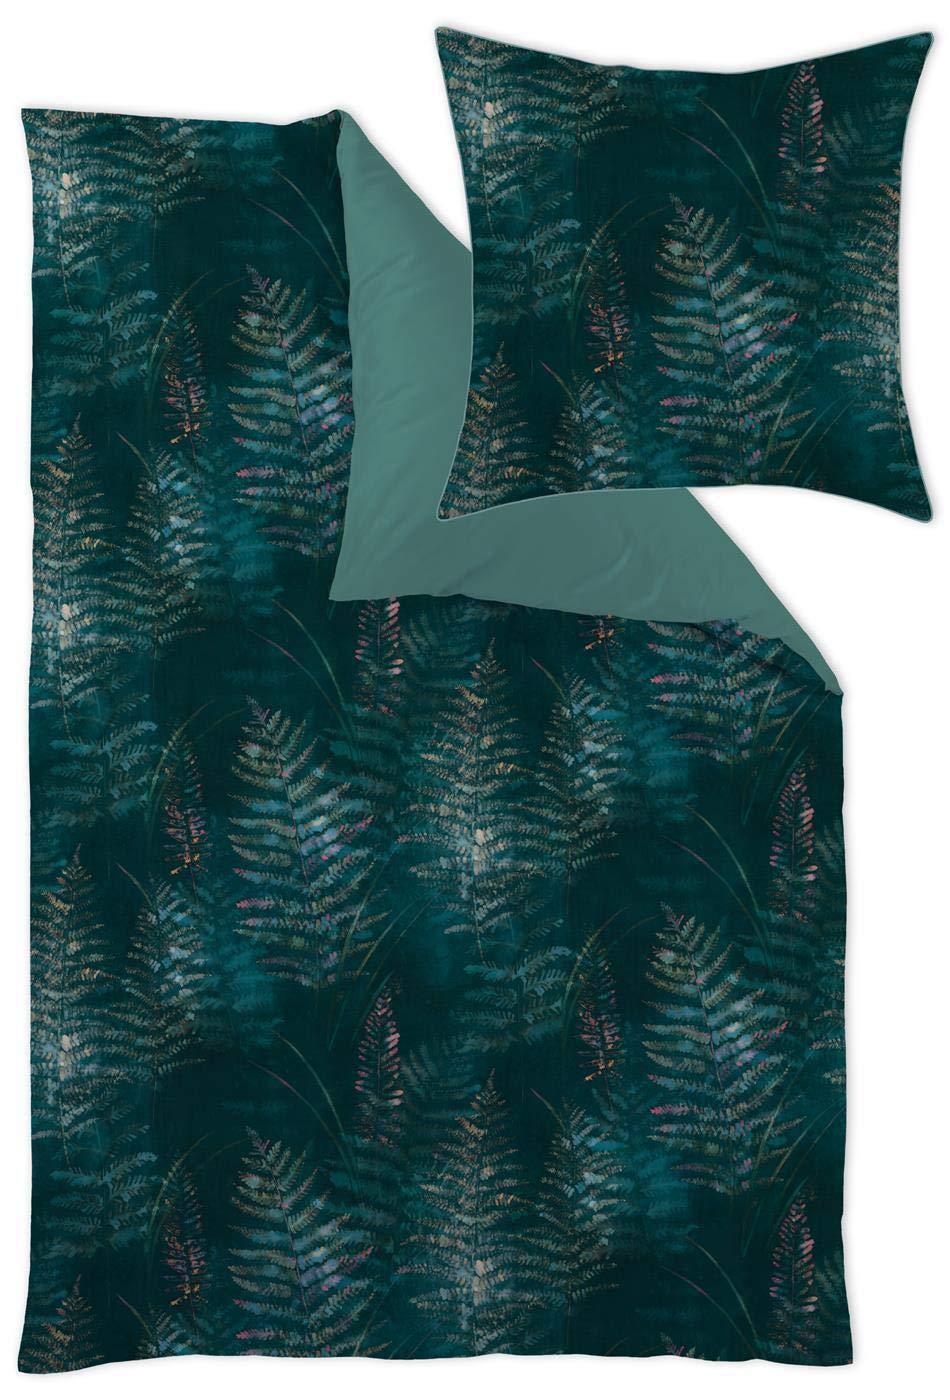 Curt Bauer Jersey Bettwäsche 4 teilig Bettbezug 135 x 200 cm Kopfkissenbezug 40 x 80 cm Abiona greenerey